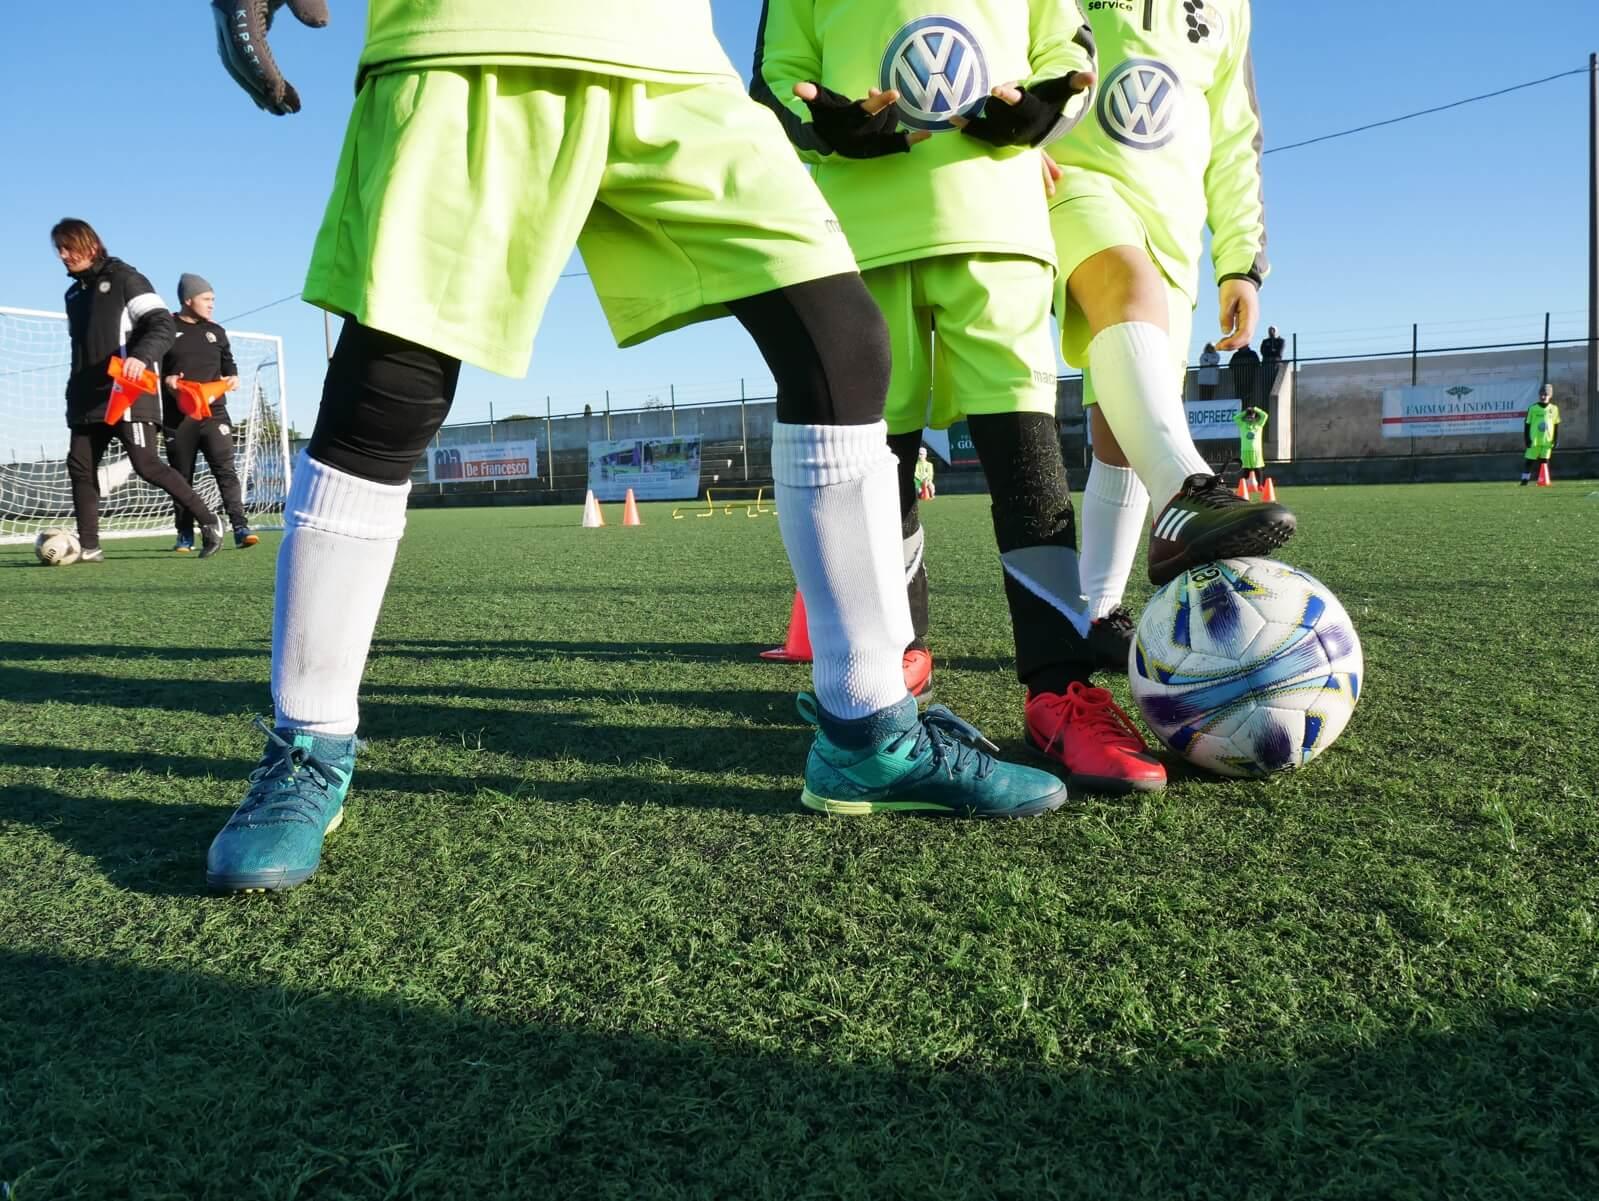 Creazione Sito abbonamenti Associazione Sportiva Calciomania - Maingage, Web agency Bari